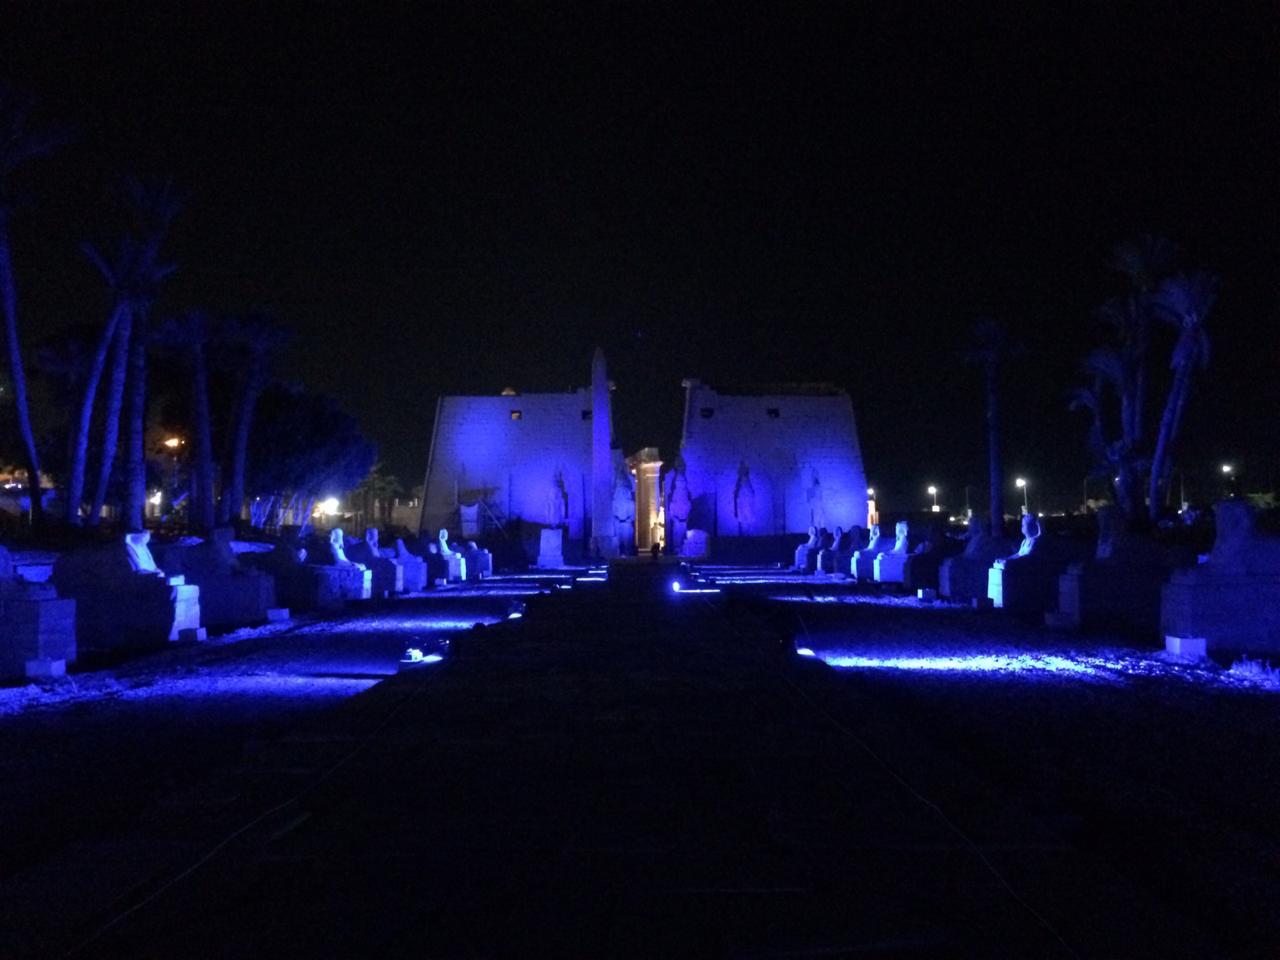 إضاءة معبد الأقصر وطريق الكباش (7)